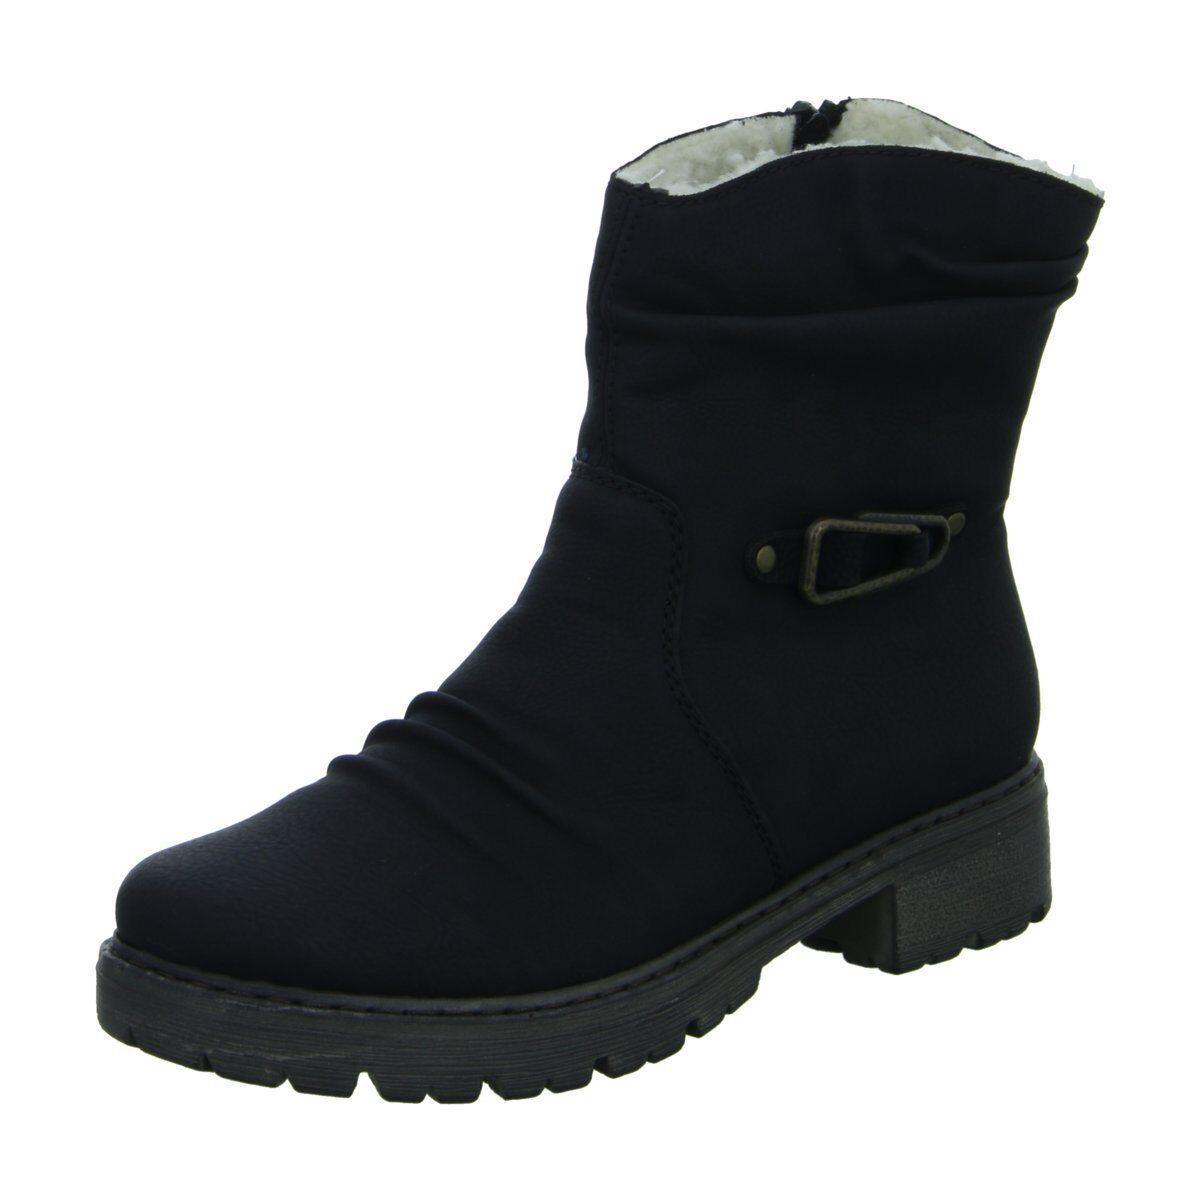 NEU Rieker Damen Stiefel Schlupf/Reißverschlussstiefelette Warmfutter Y9061-00